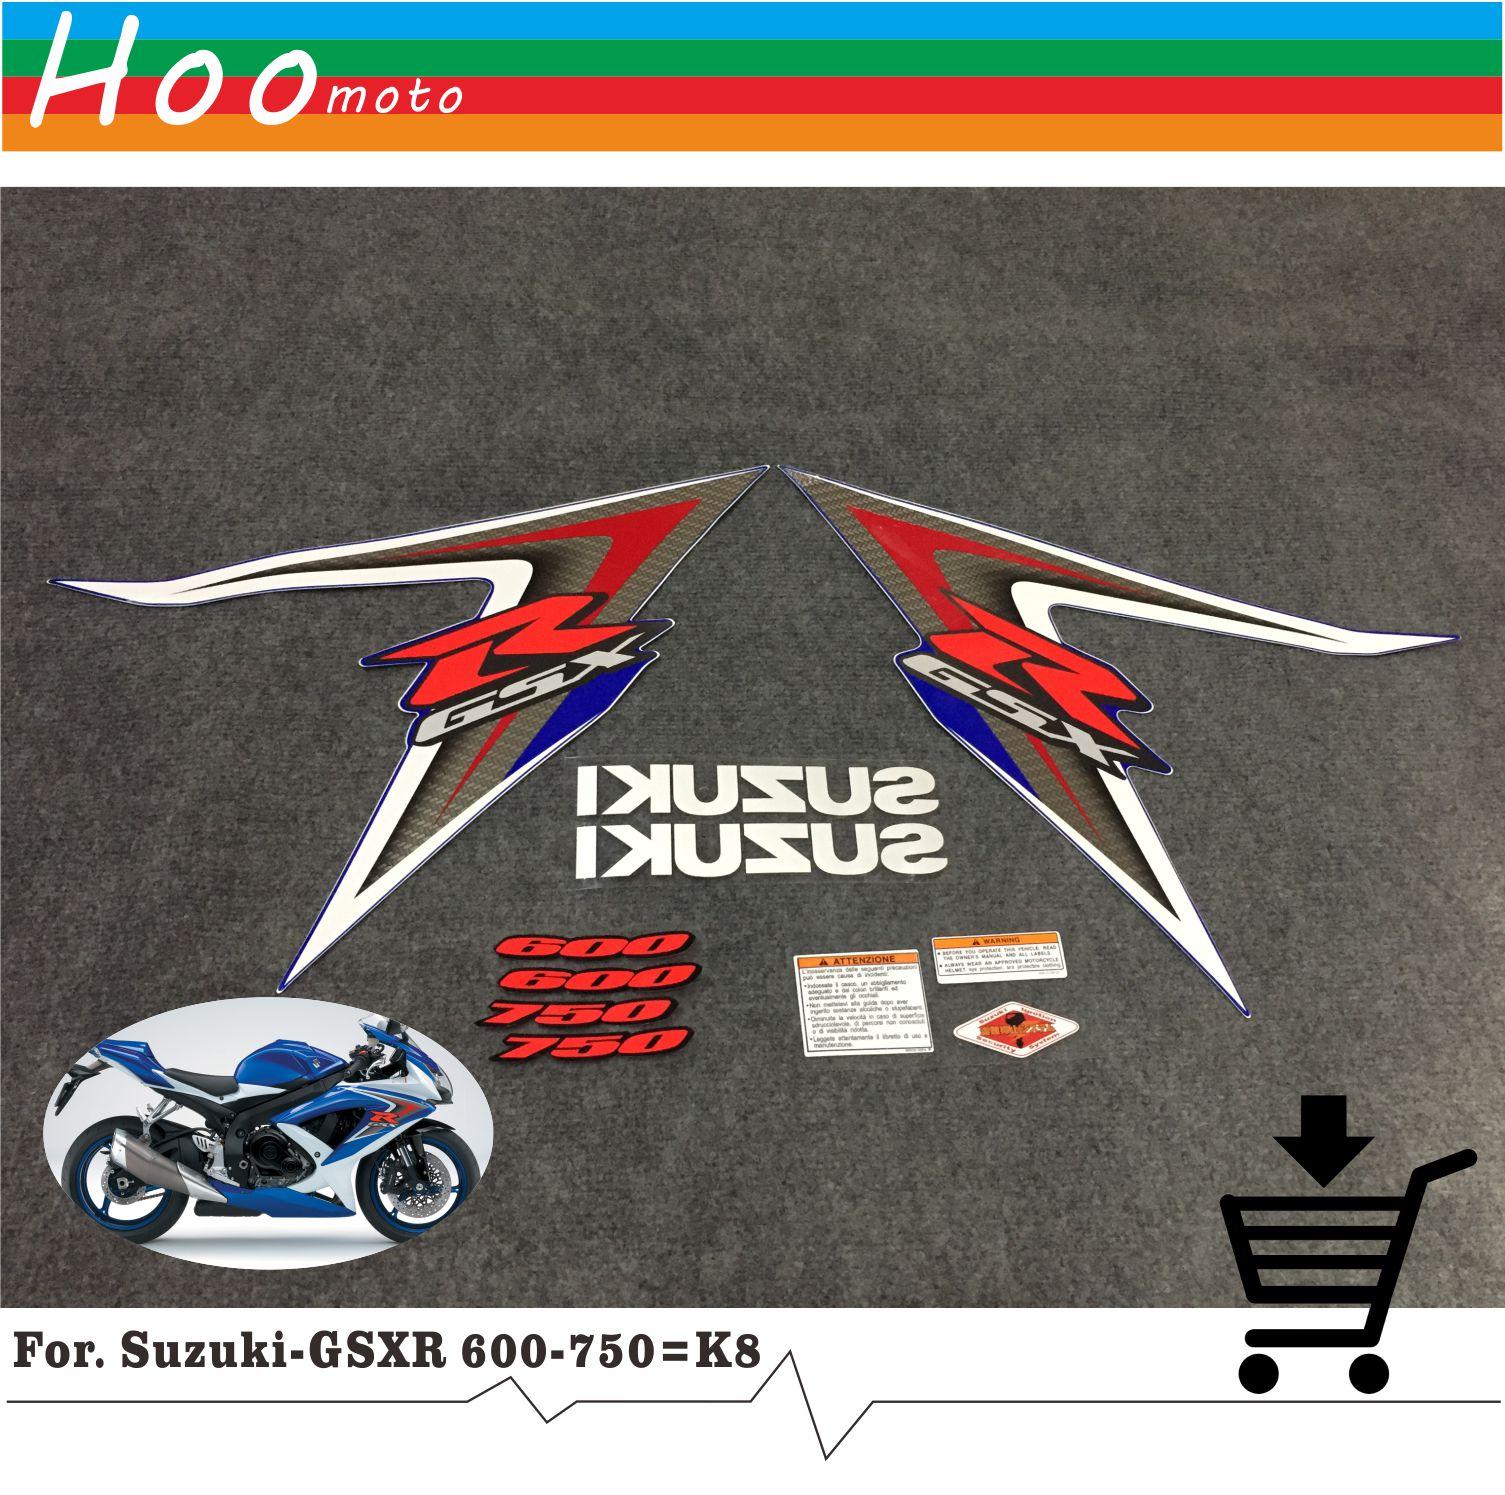 GSXR GSX-R GSX R 600 750 K8 2008 Высокое качество наклейки Стикеры мотоциклетные автомобиль-Стайлинг Стикеры s для Suzuki наклейки стикеры MOTO